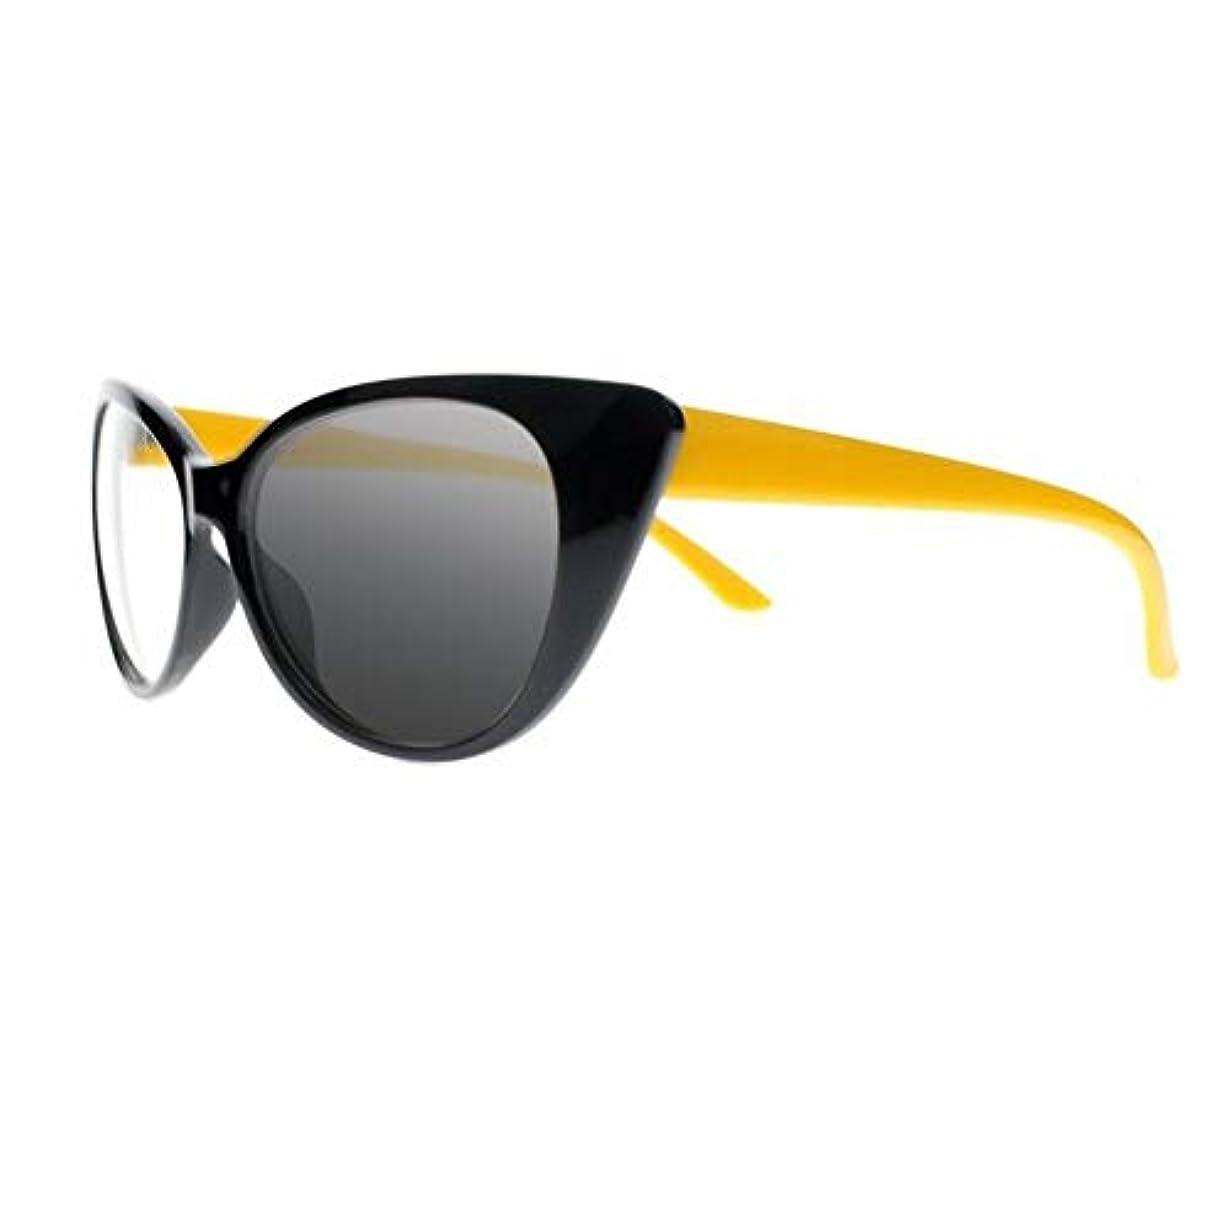 マイクロフォン決定的干渉FidgetGear 女性トランジションフォトクロミックサングラスリーダー老眼鏡+1.0?+4.0新 黄